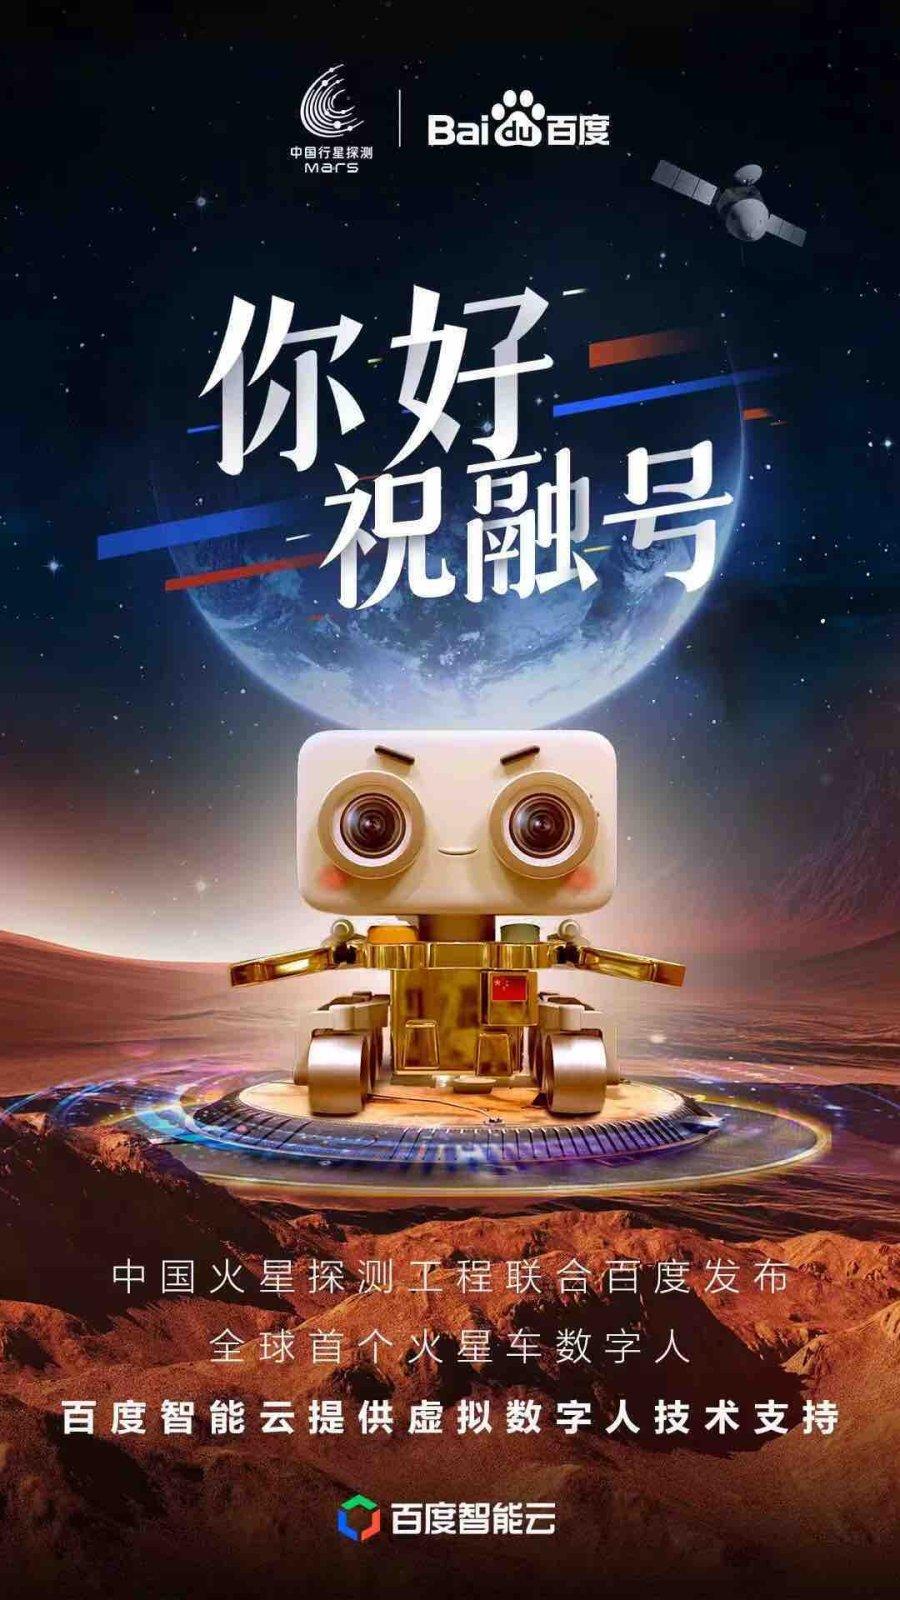 中国航天大会发布全球首个火星车数字人,百度智能云提供三大技术支撑